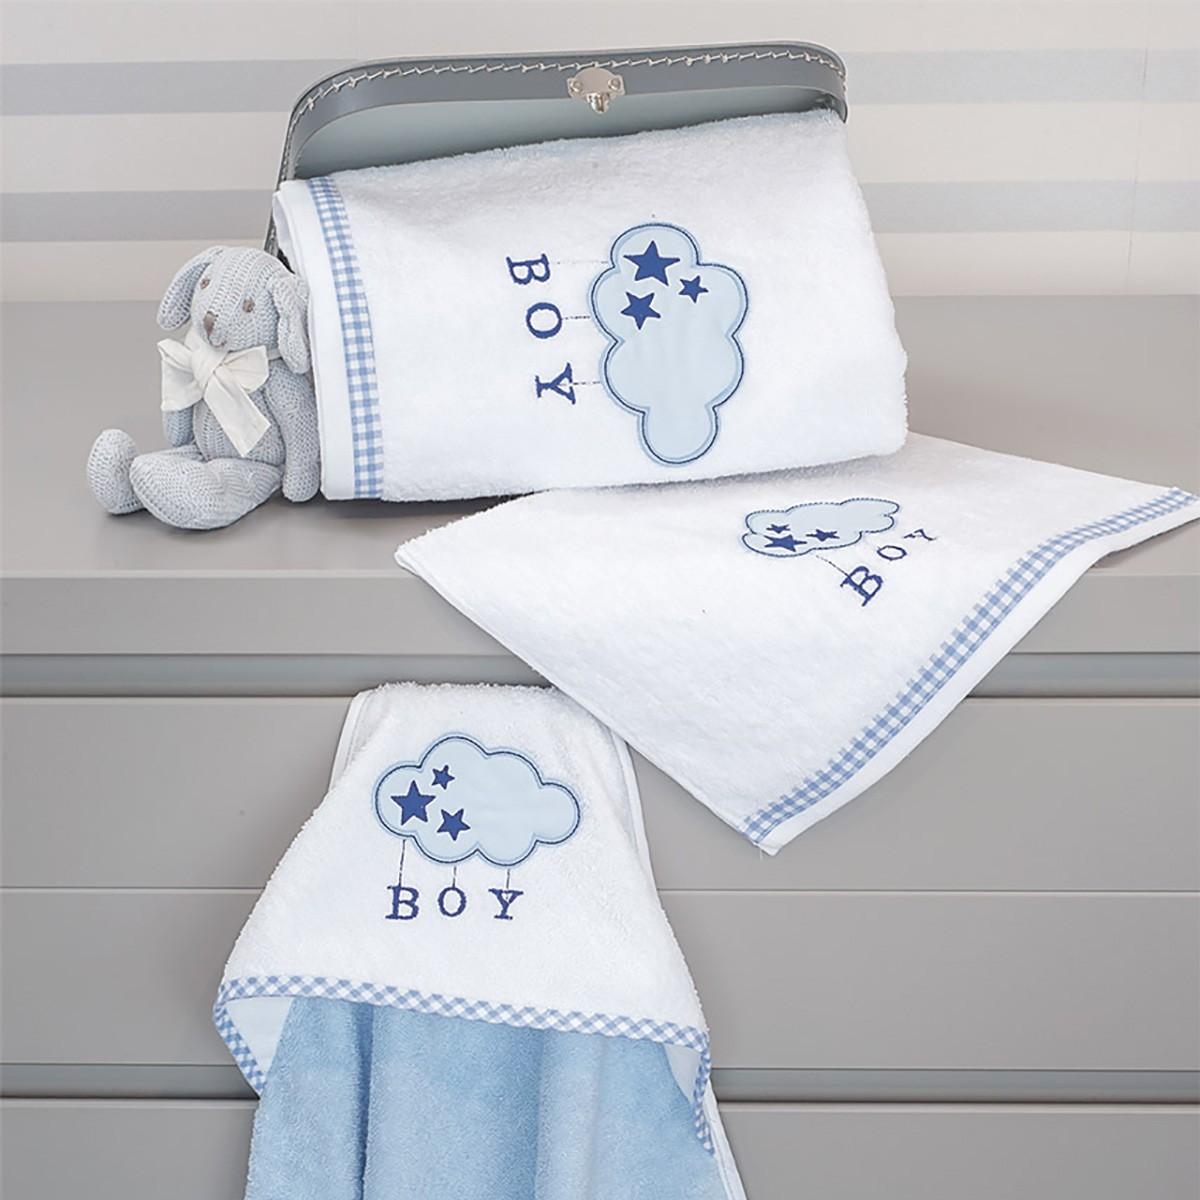 Πετσέτες Μπάνιου (Σετ 2τμχ) Baby Oliver Blue Cloud Des 143